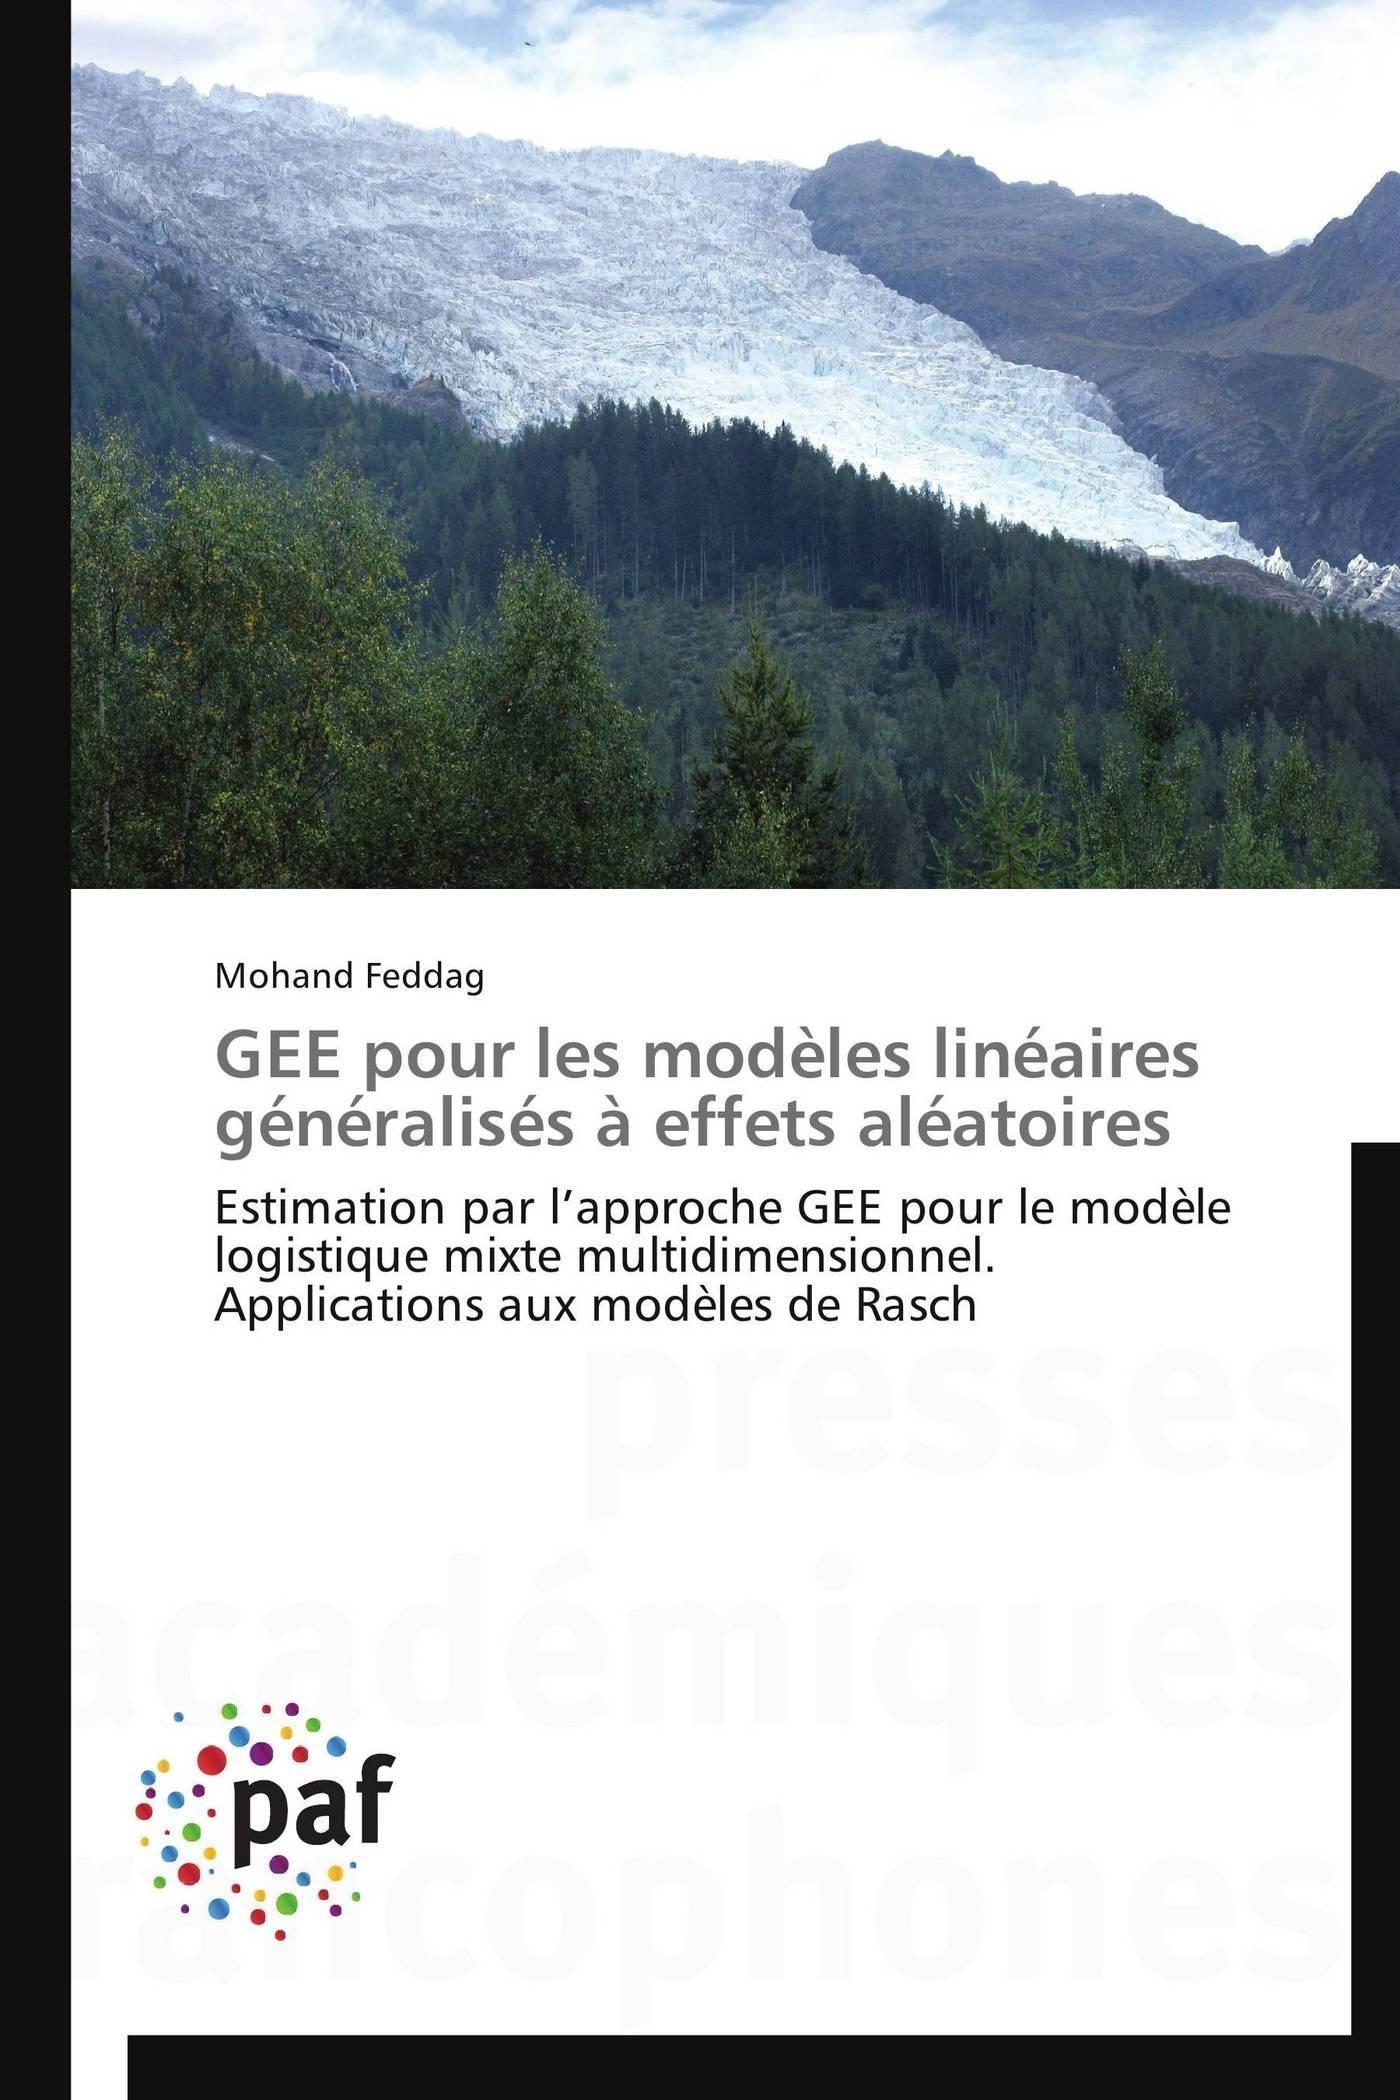 GEE POUR LES MODELES LINEAIRES GENERALISES A EFFETS ALEATOIRES